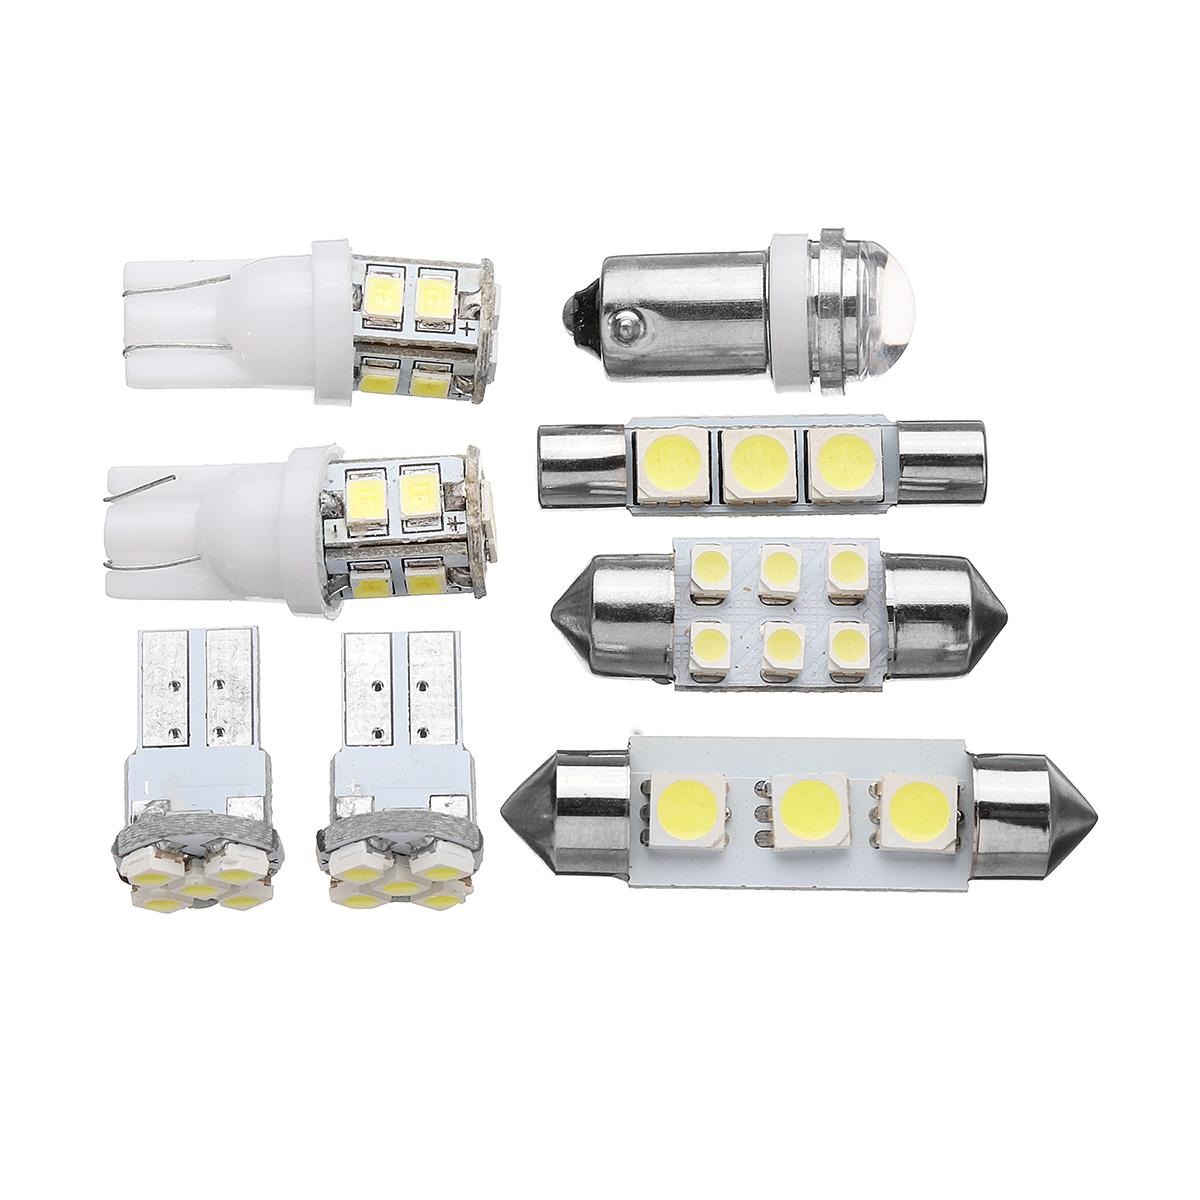 8Pcs 1156 T10 Girlande LED Car Interior Dome Map Lights Kennzeichenbeleuchtung Lampe Satz Weiß